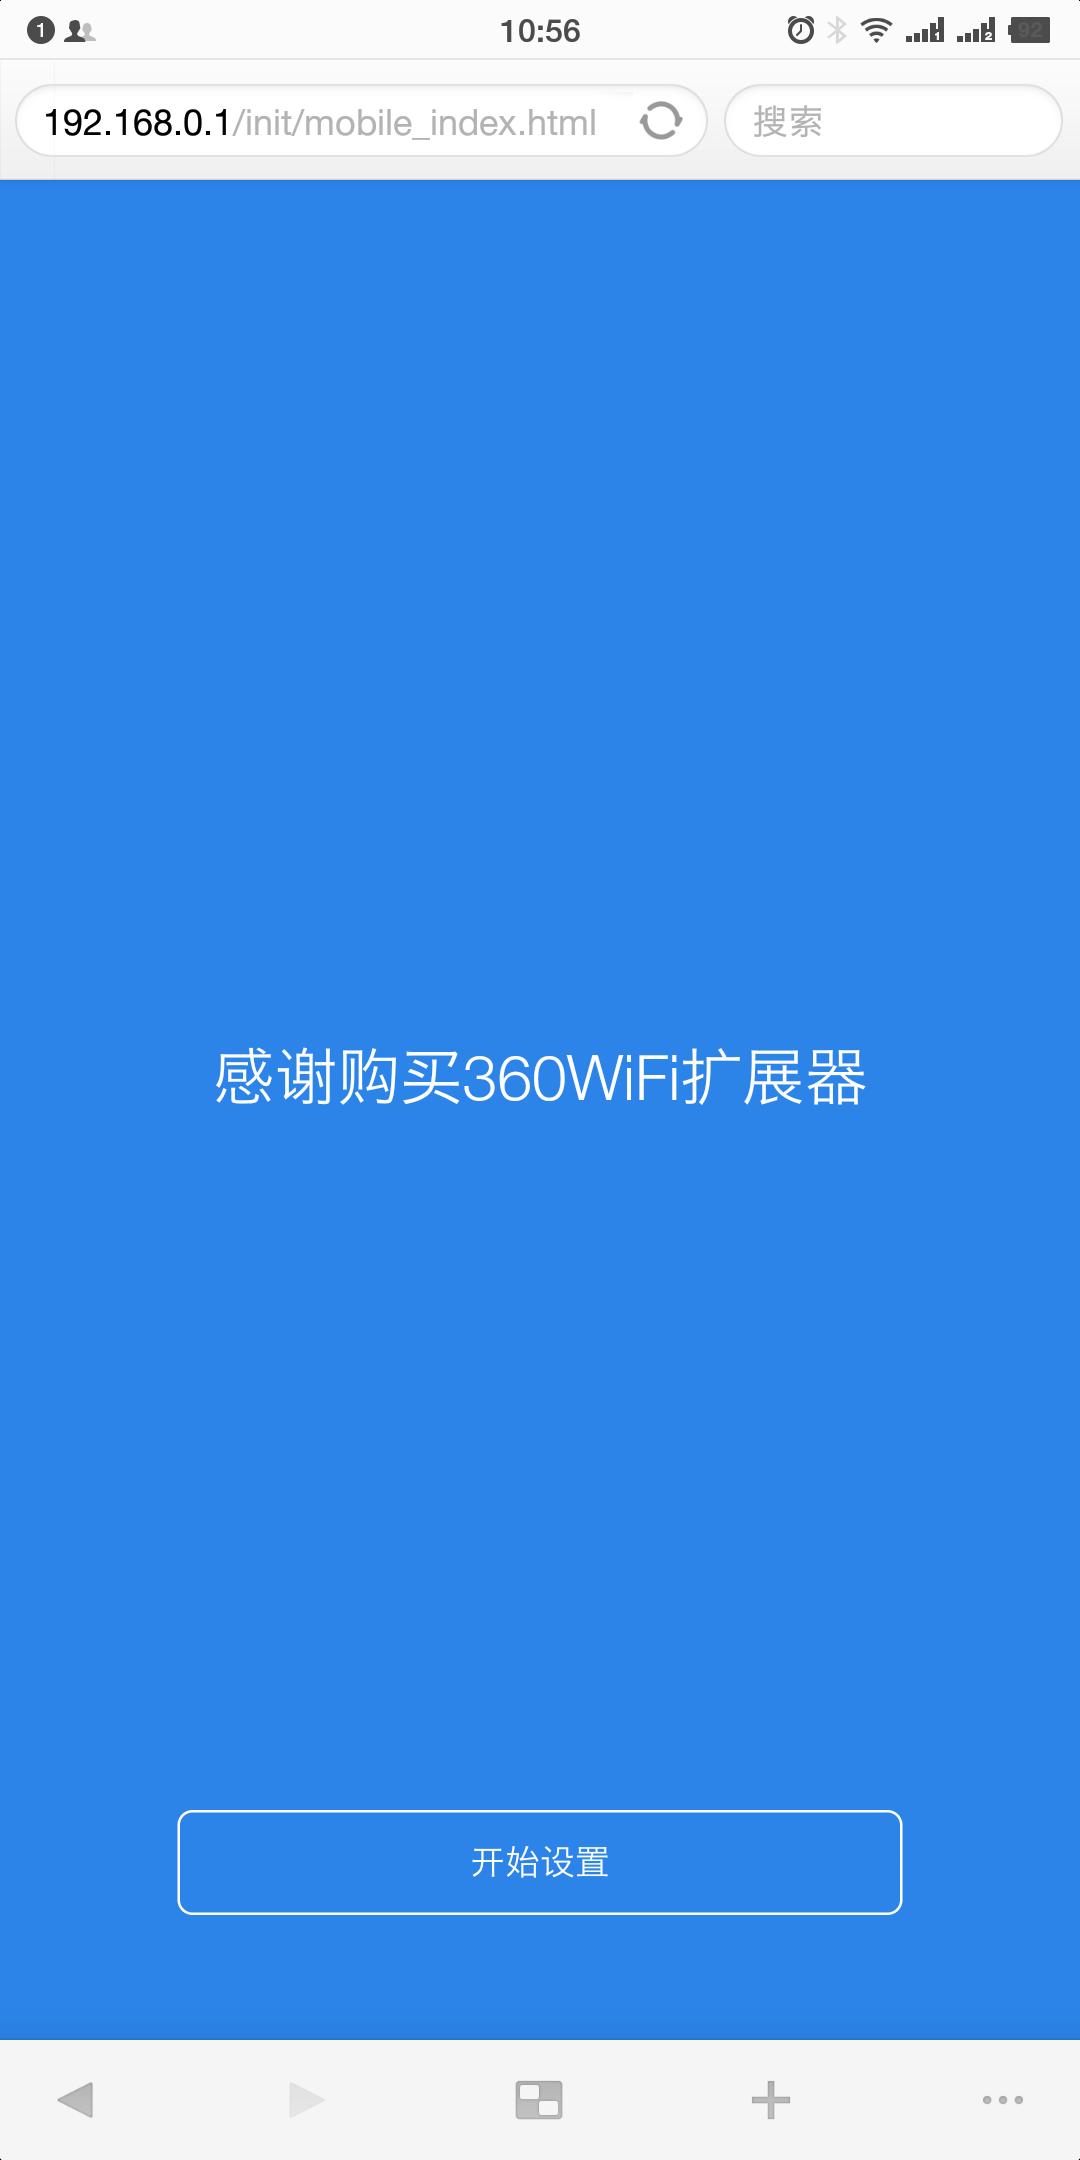 微信图片_20181124144739.png